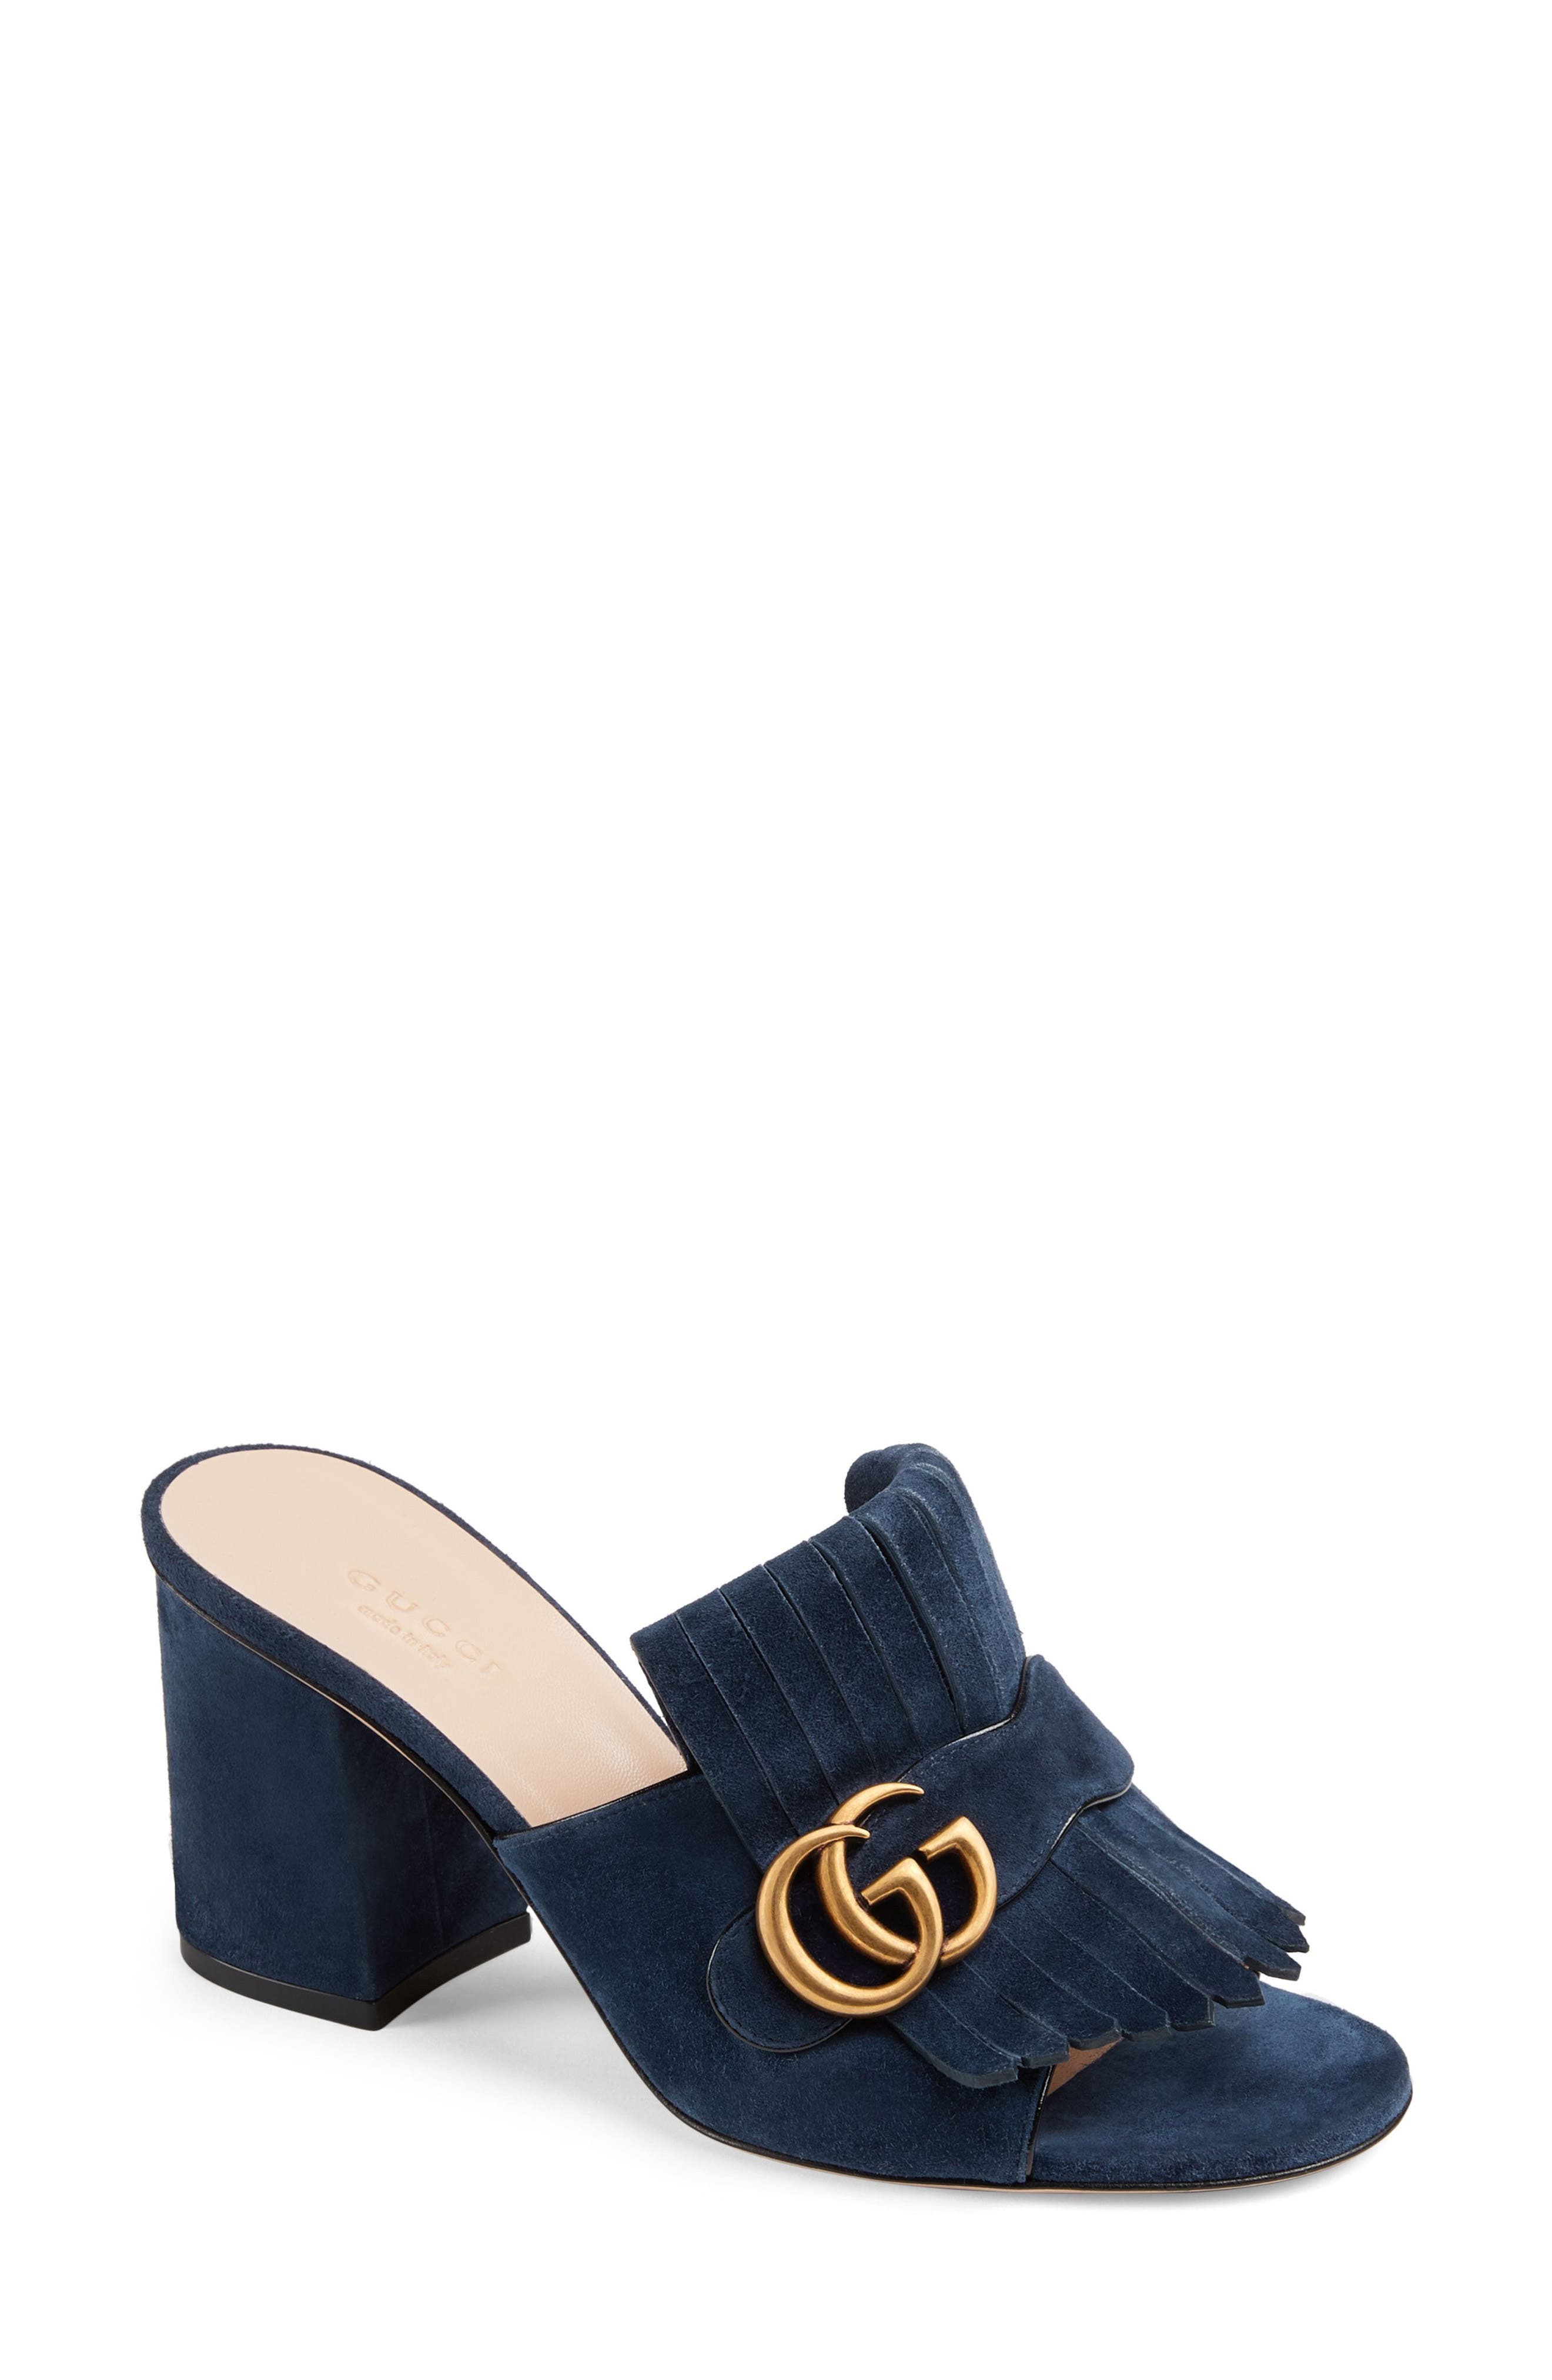 e0f4a226364 Women's Mule Heels | Nordstrom